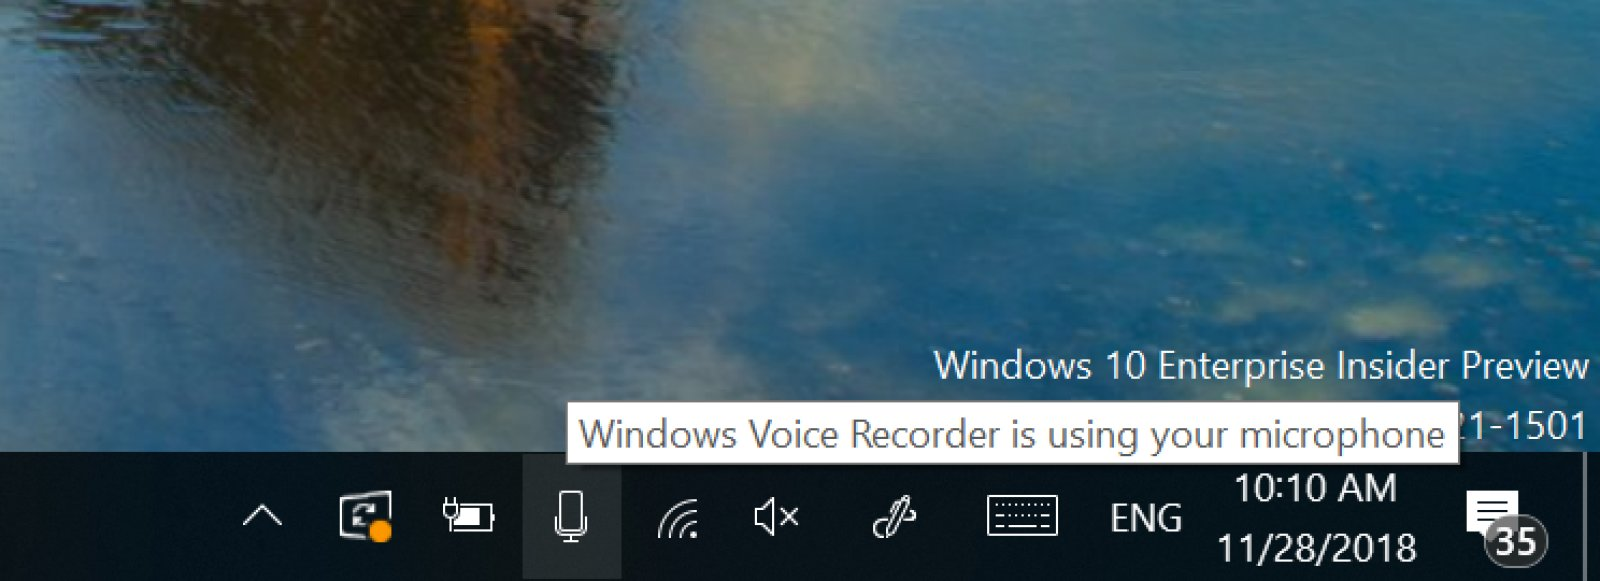 Bản cập nhật Windows 10 mới sẽ cho bạn biết ứng dụng nào đang sử dụng micro